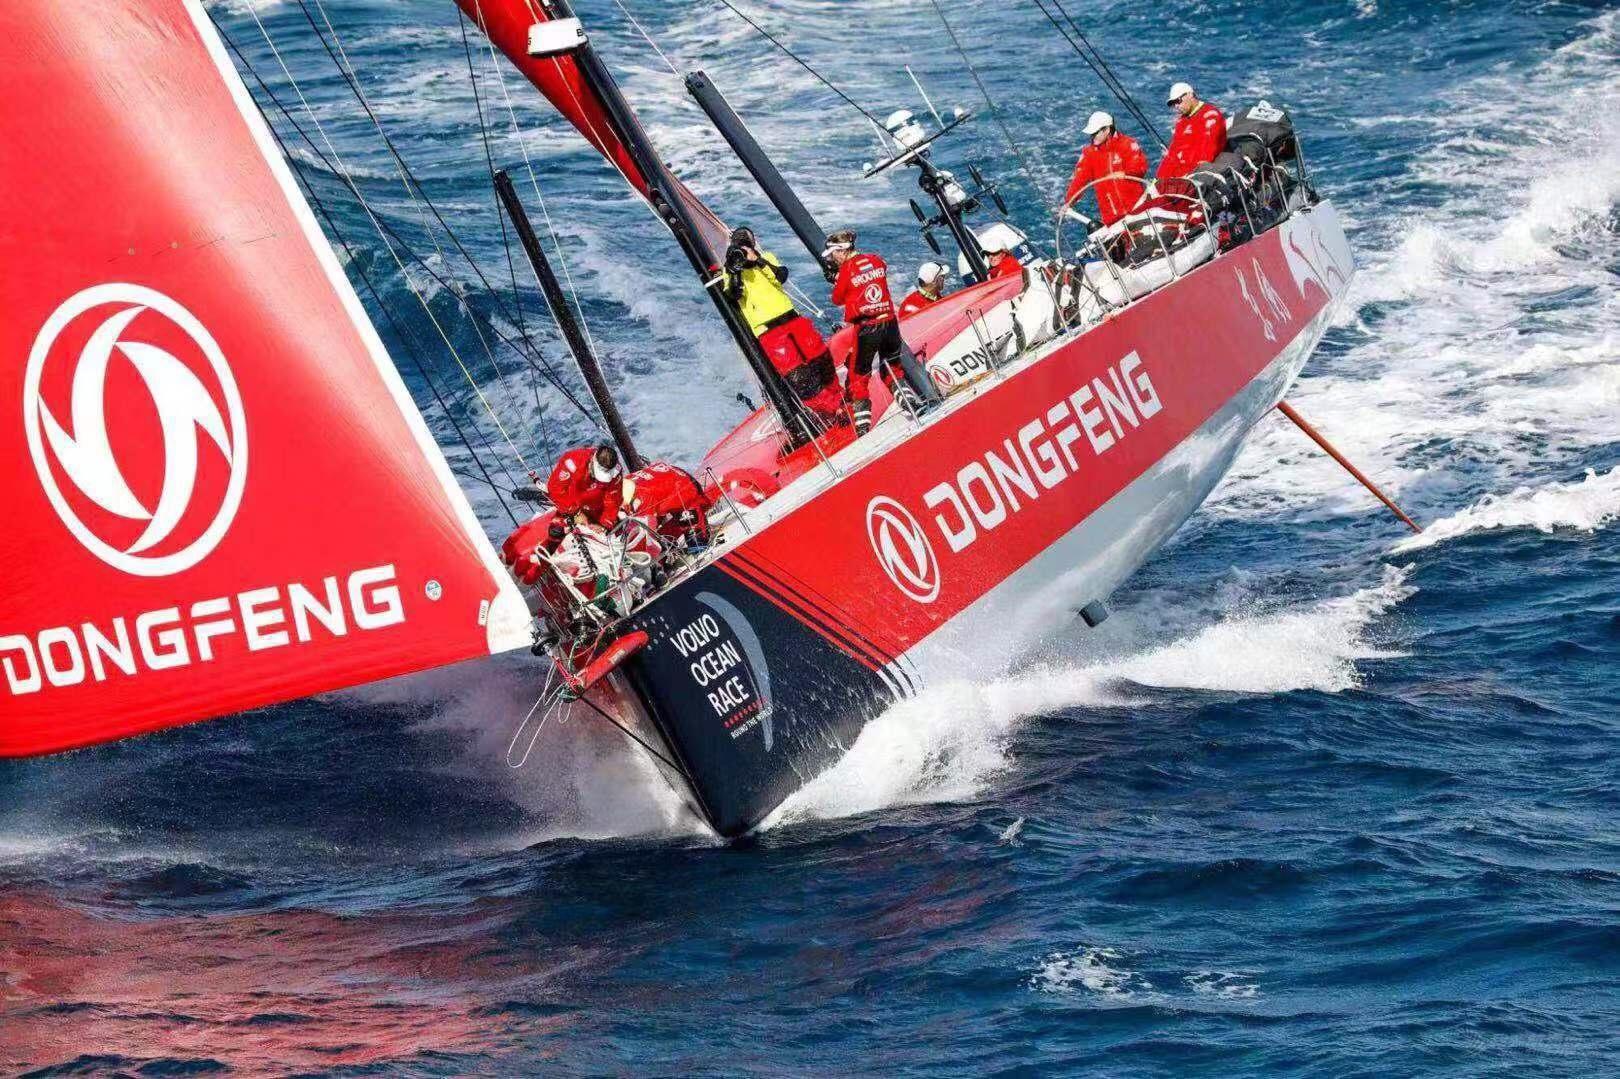 在青岛体验一次帆船需要花很多钱吗?